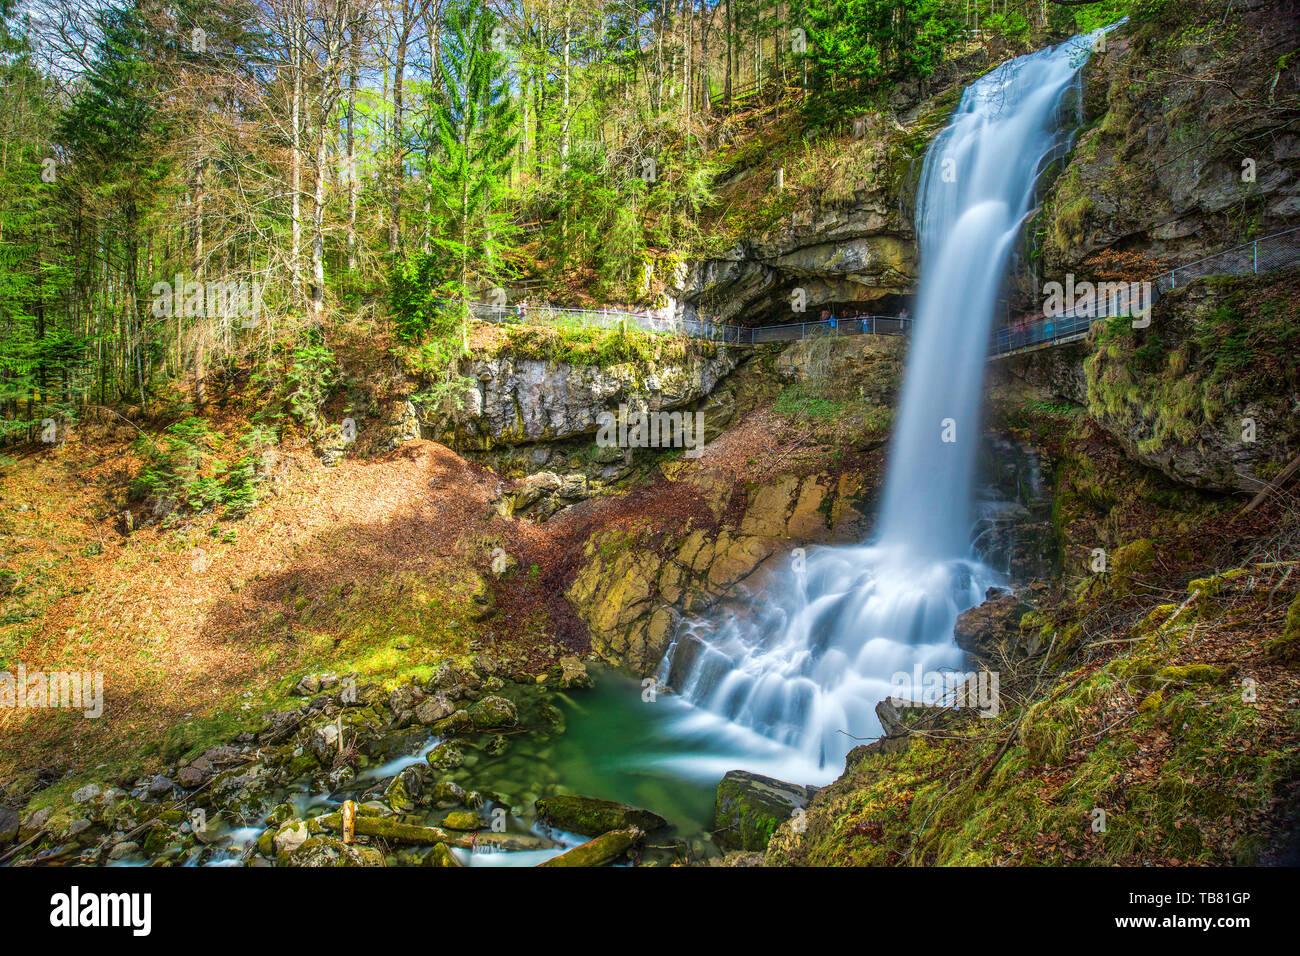 Giessbach waterfall on the Brienzersee near Interlaken, Brienz, Switzerland, Europe. Stock Photo